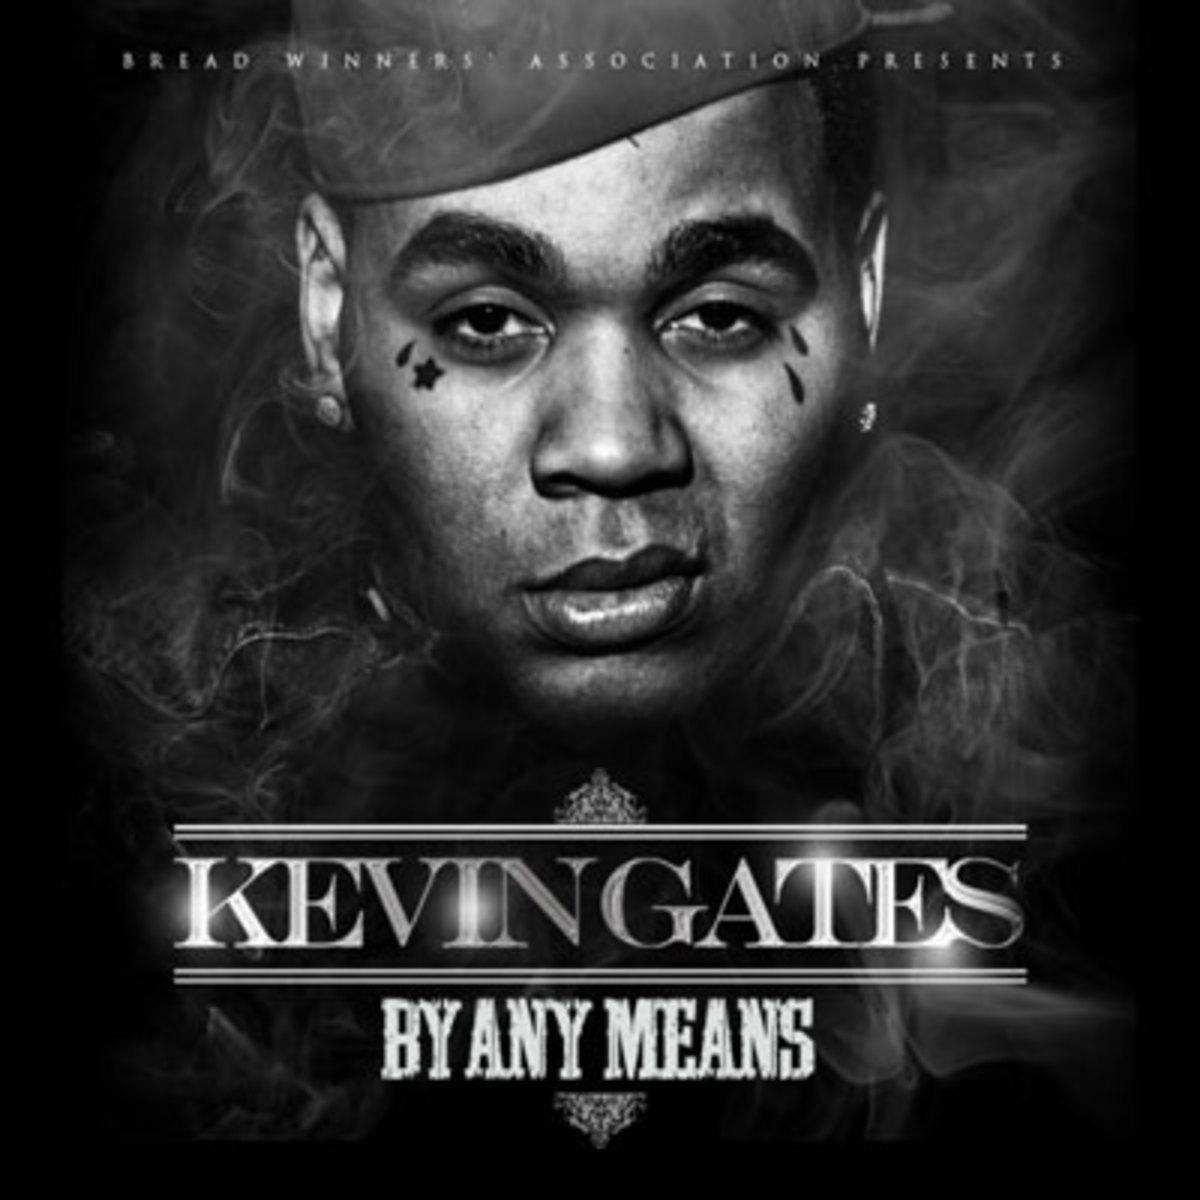 kevingates-byanymeans.jpg